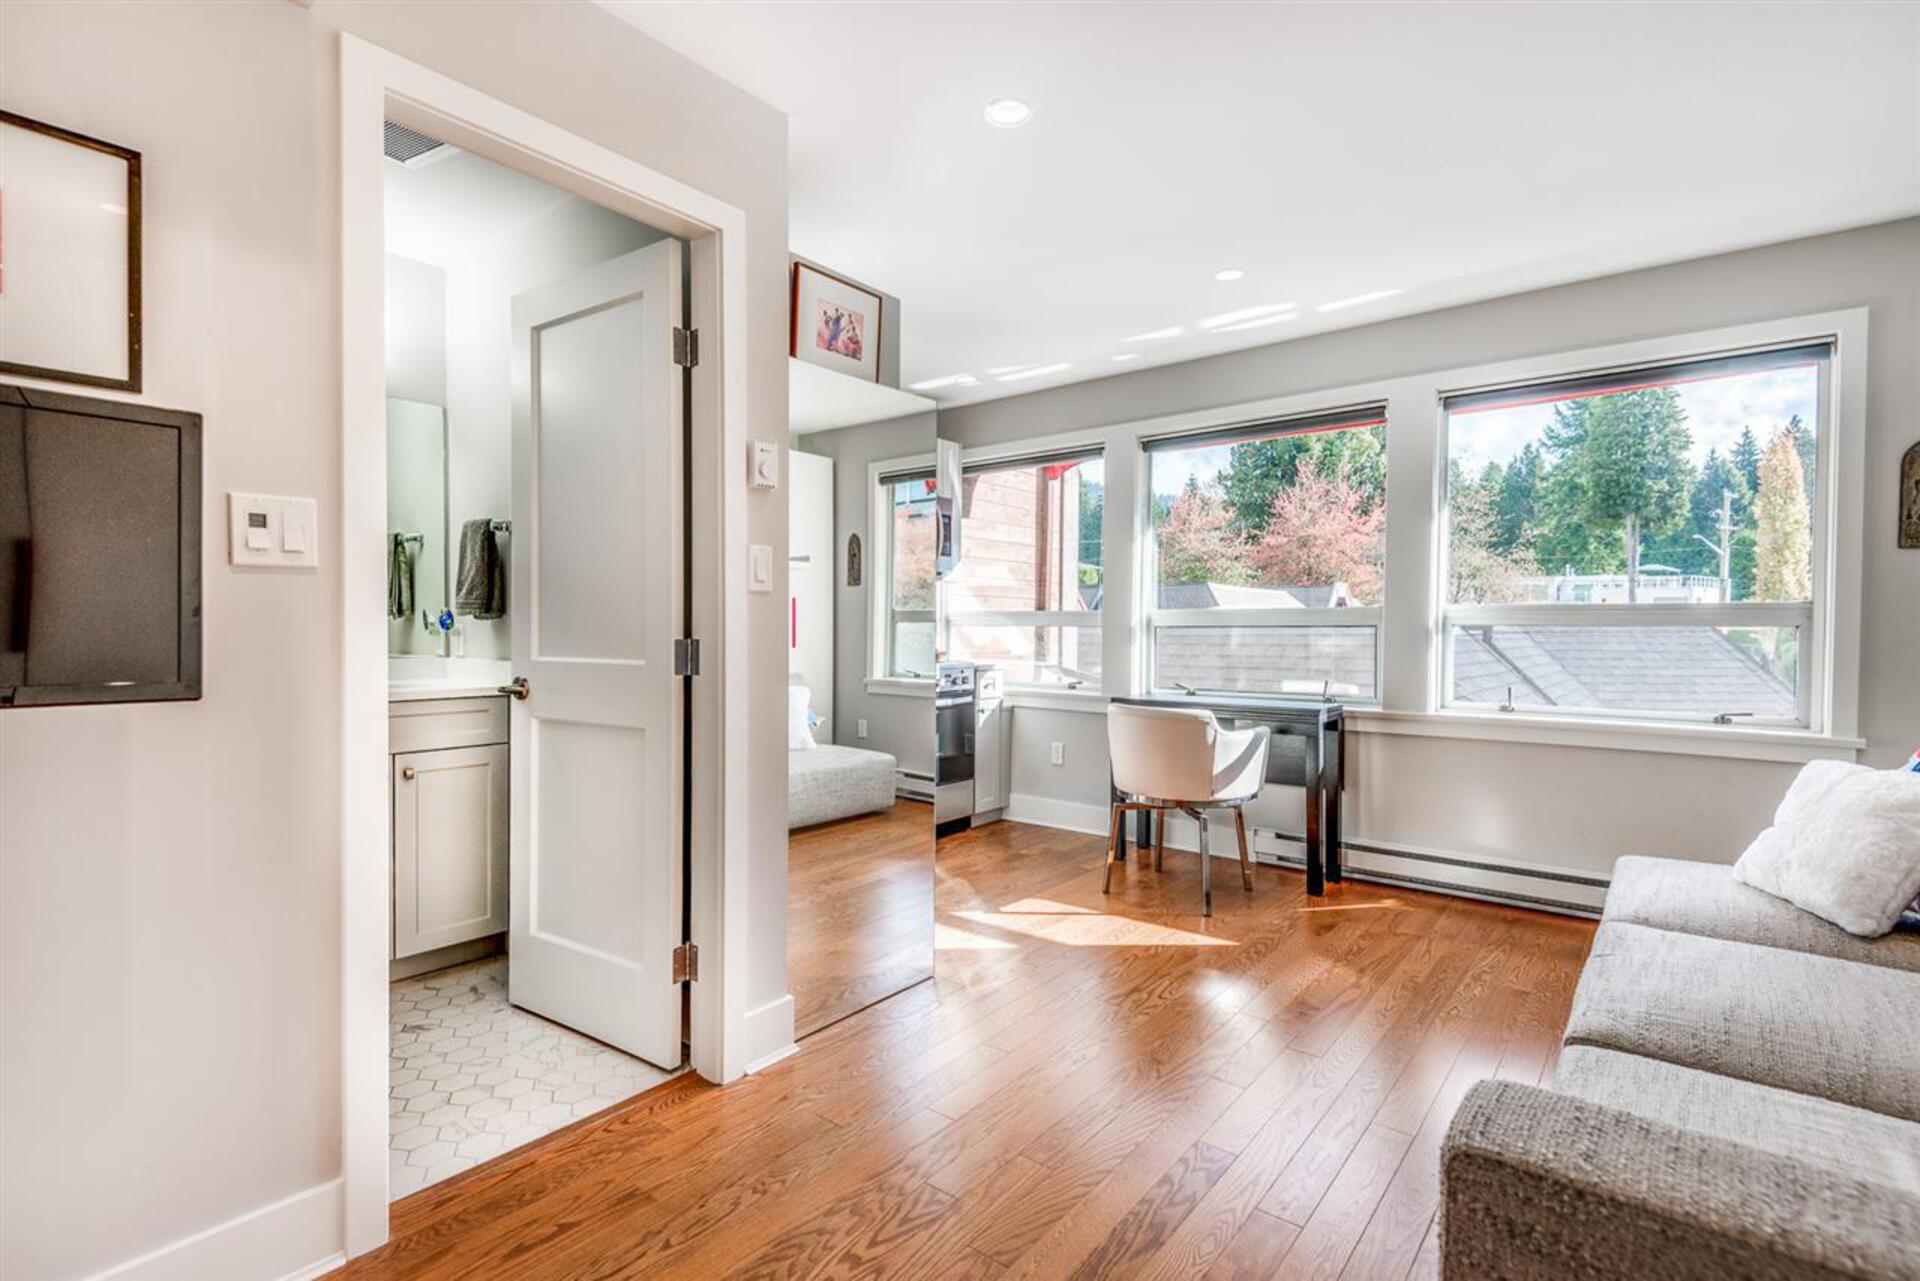 3711-delbrook-avenue-upper-delbrook-north-vancouver-08 at 203 - 3711 Delbrook Avenue, Upper Delbrook, North Vancouver